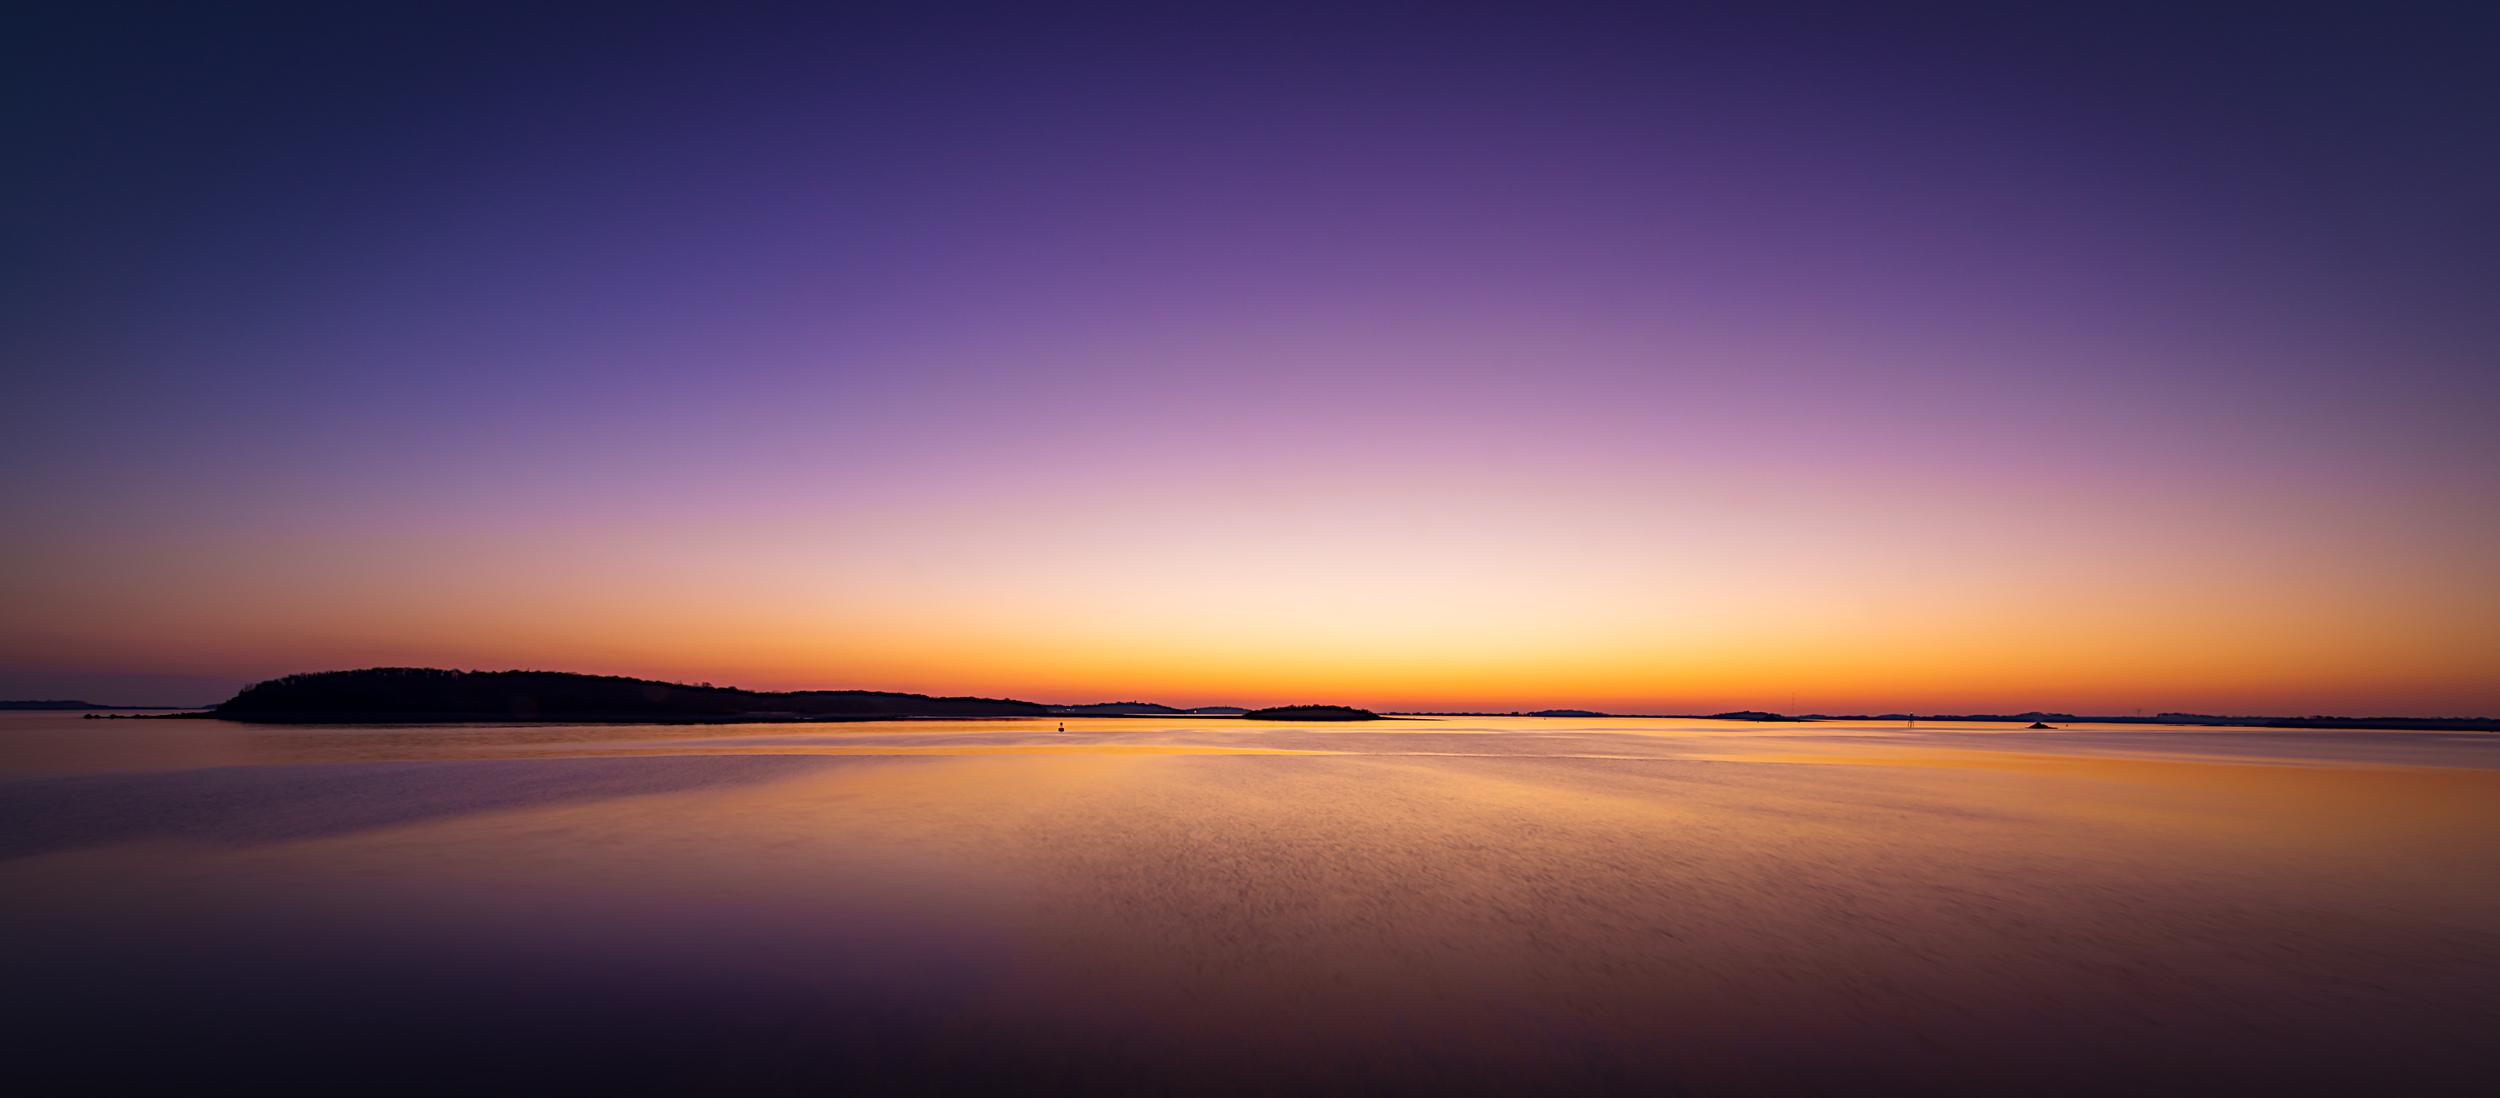 Peddocks Island at Dawn